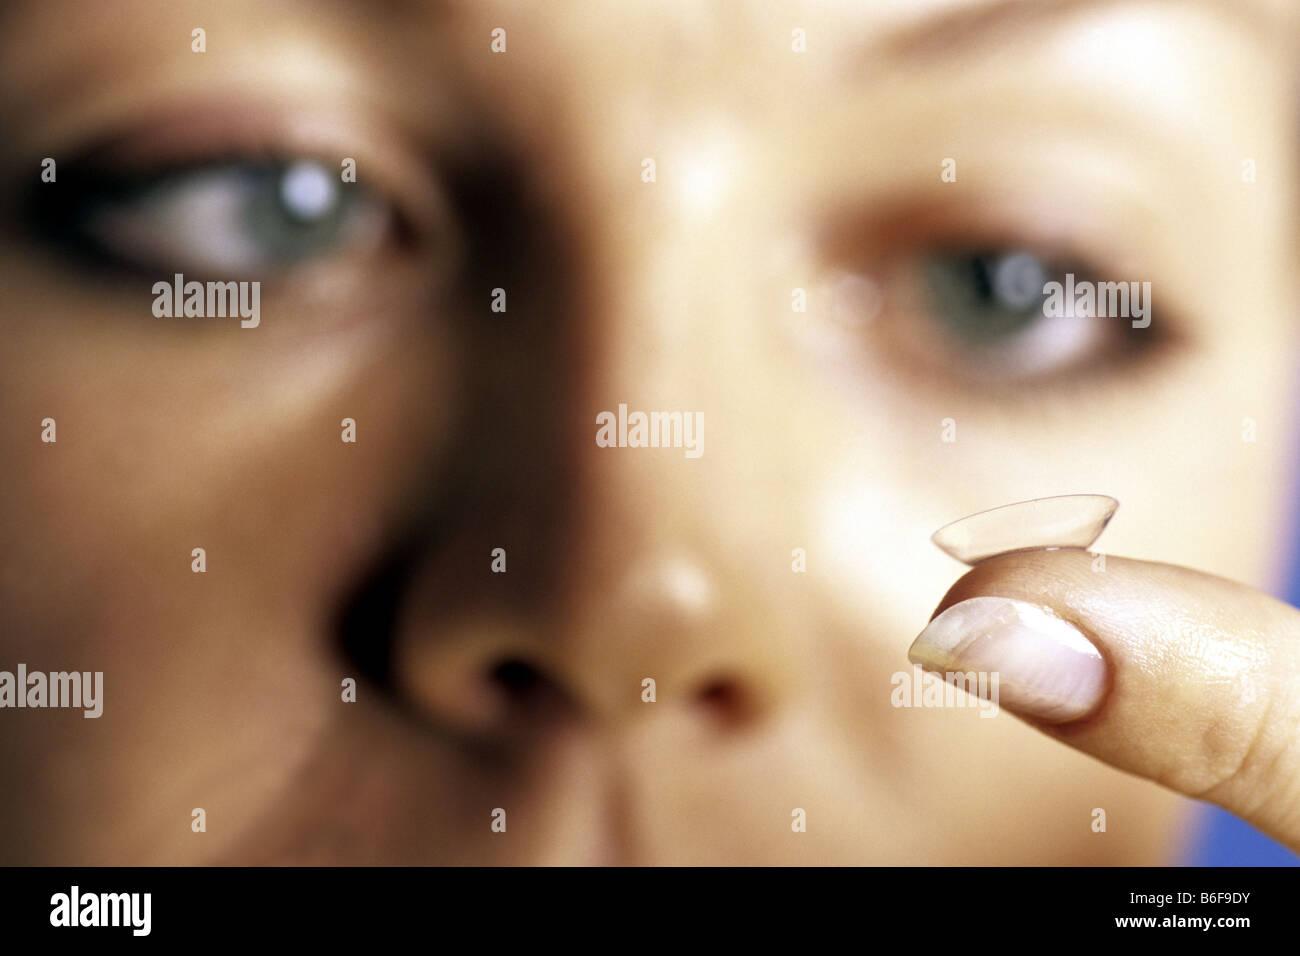 woman looking at contact lense - Stock Image